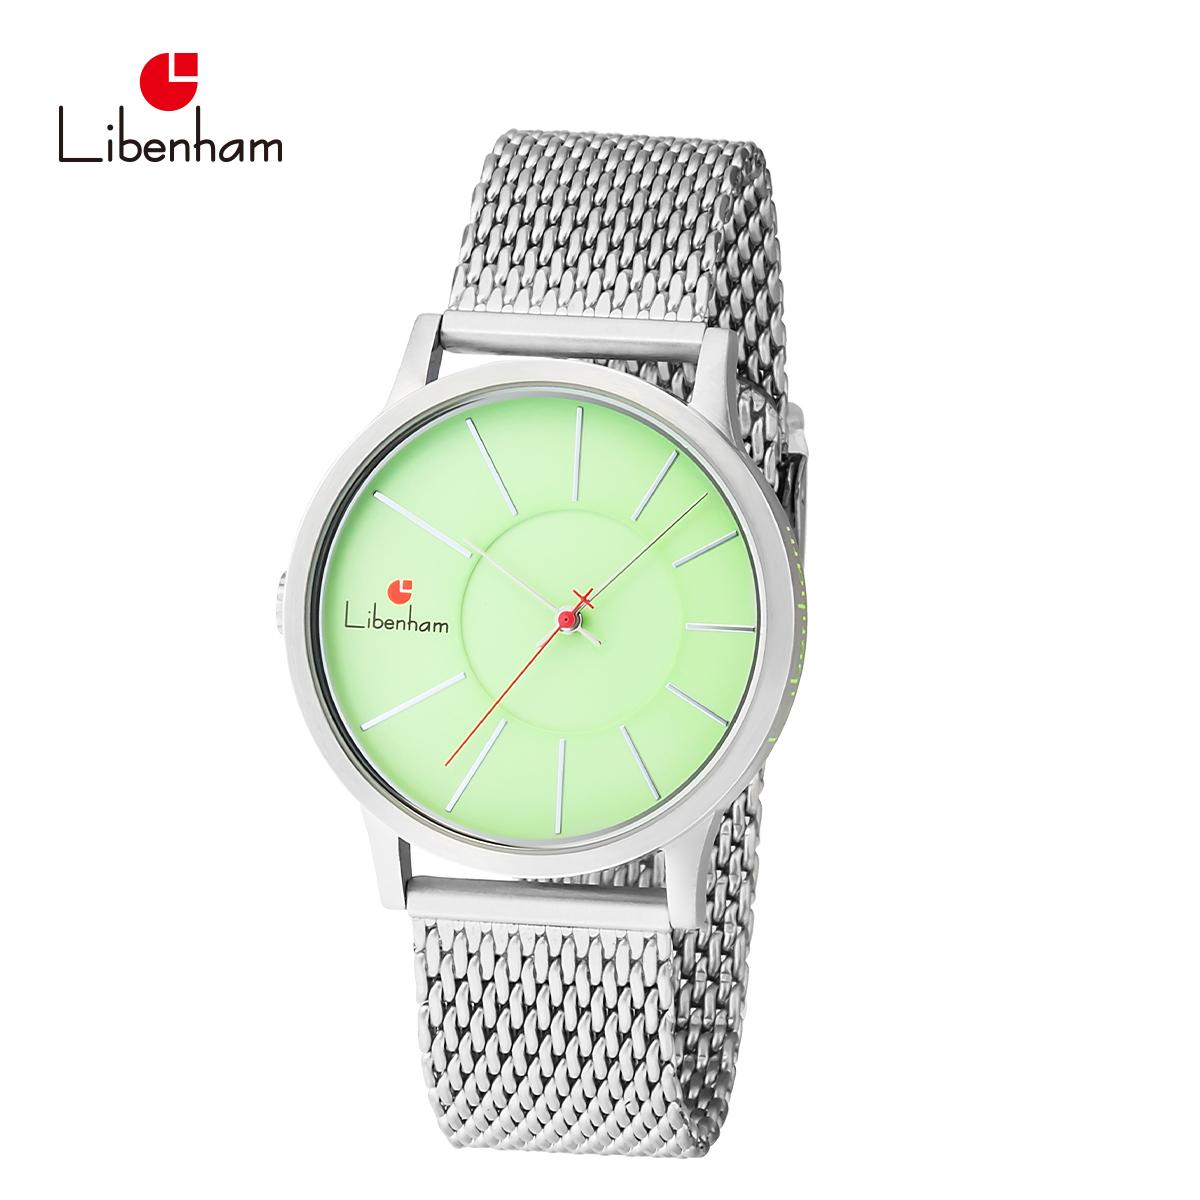 【公式】リベンハム LH90036-06(Grass-Green) [リベンハム新ラントシャフトシリーズ/Fielder掲載/腕時計/緑/グリーン/Libenham/自動巻き/新生活/新社会人/男女兼用/メンズ/レディース